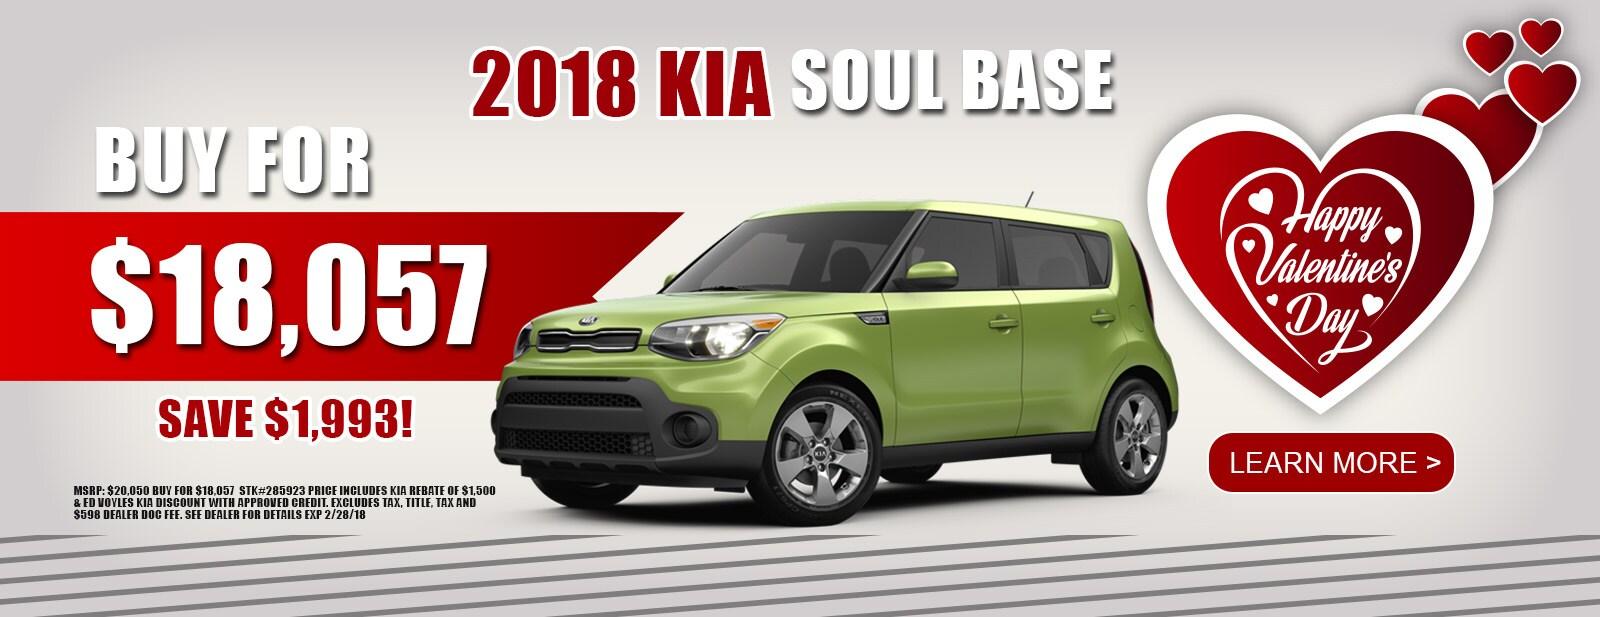 Ed Voyles Kia >> New Kia & Pre-Owned Car Dealer in Smyrna, GA | Ed Voyles Kia Serves Sandy Springs, Atlanta ...